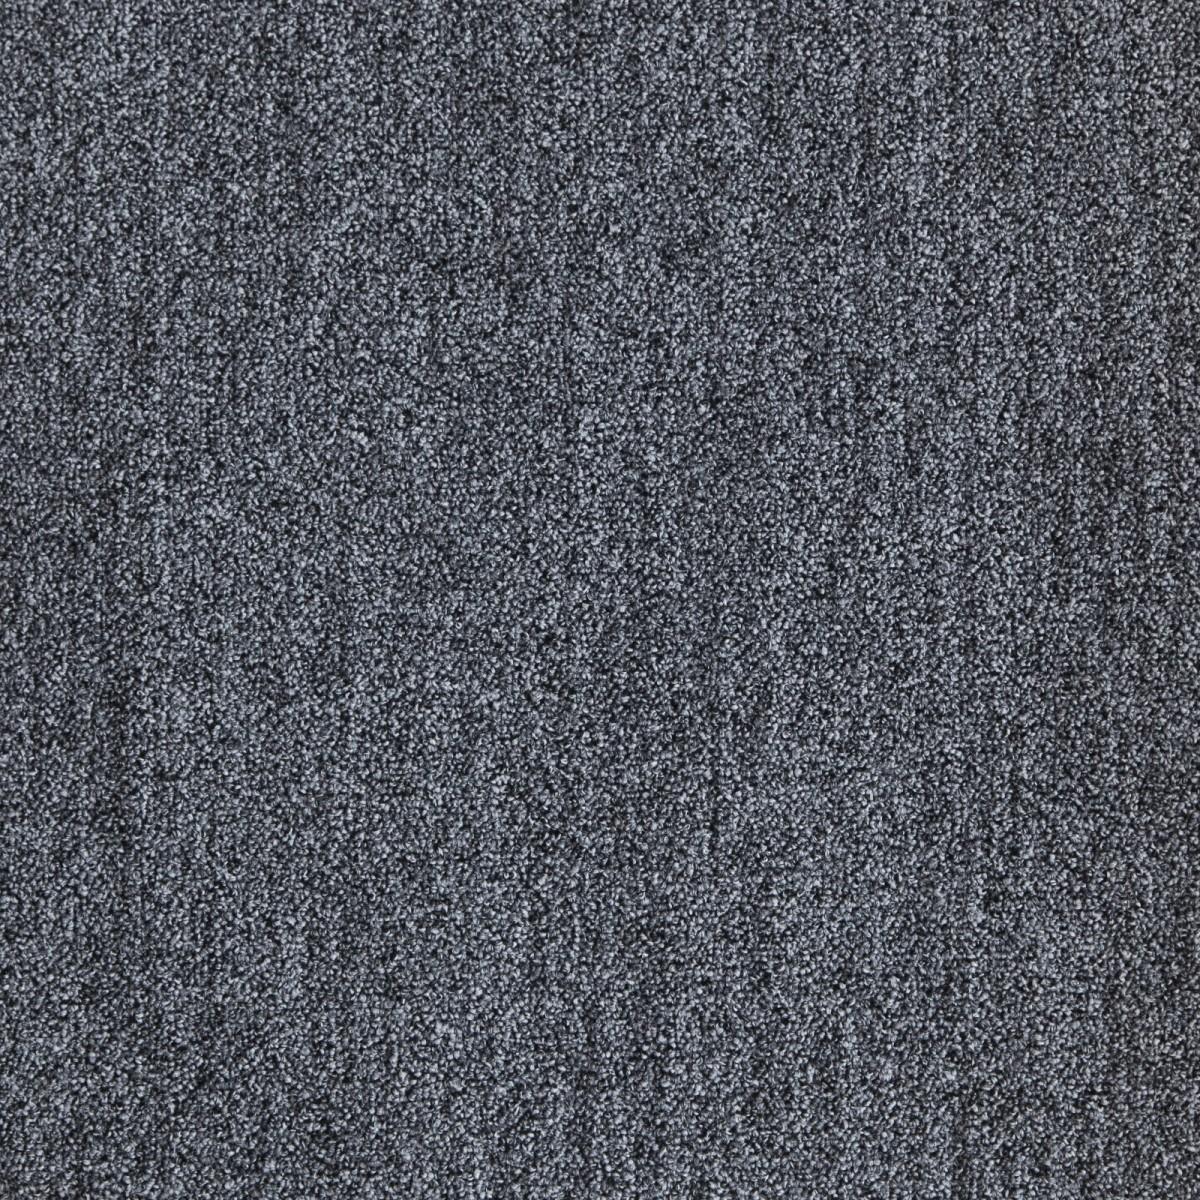 Gran53840